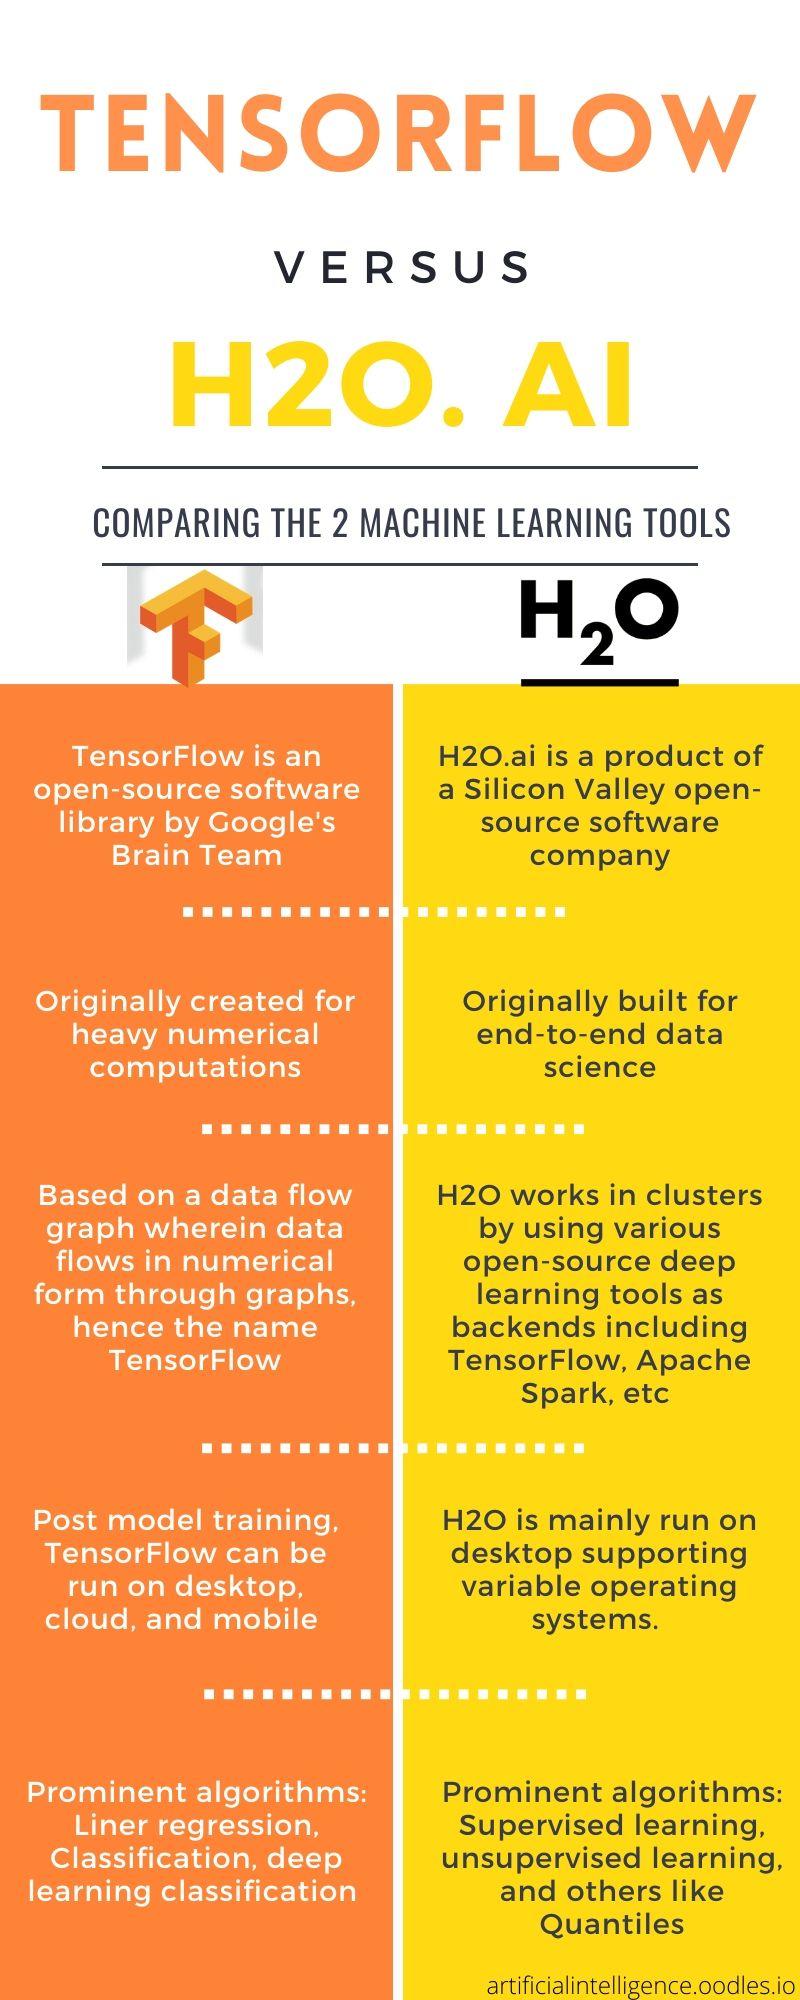 tensorflow vs h2o.ai